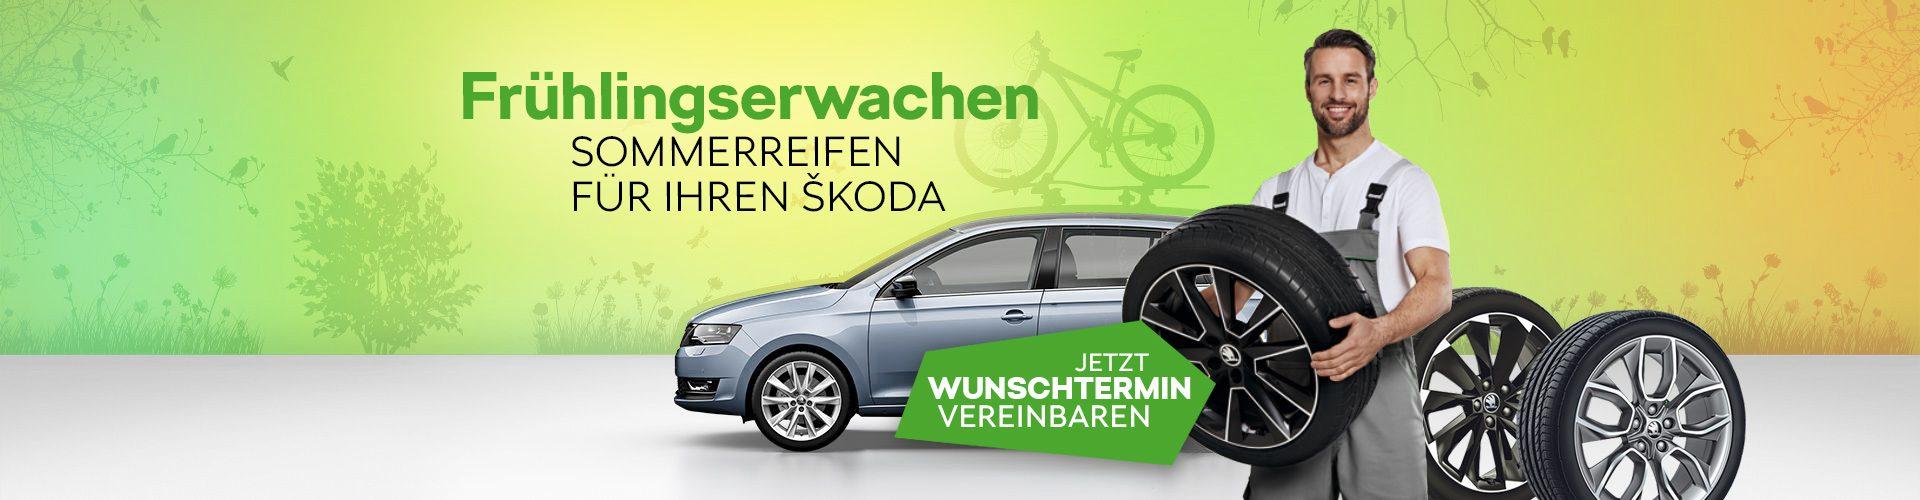 Slider_Räderwechsel_Frühlingserwachen